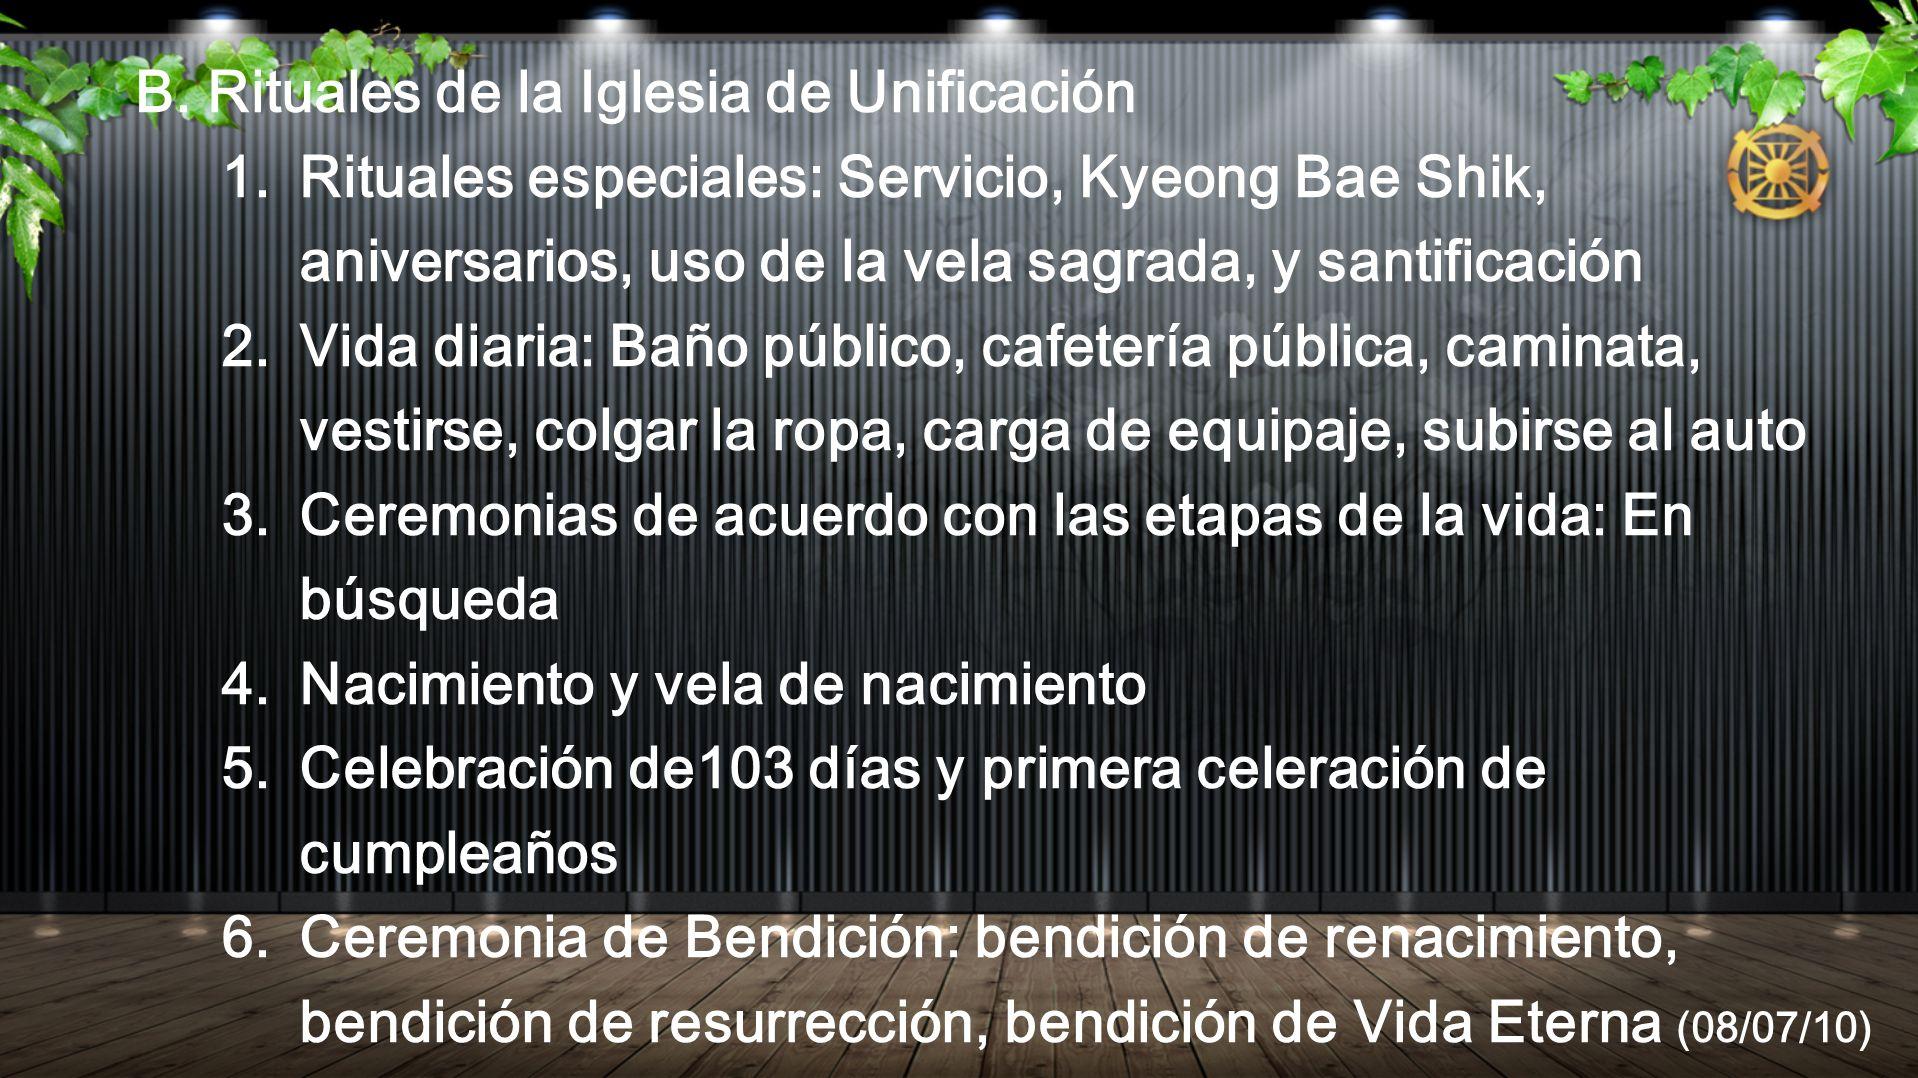 B. Rituales de la Iglesia de Unificación